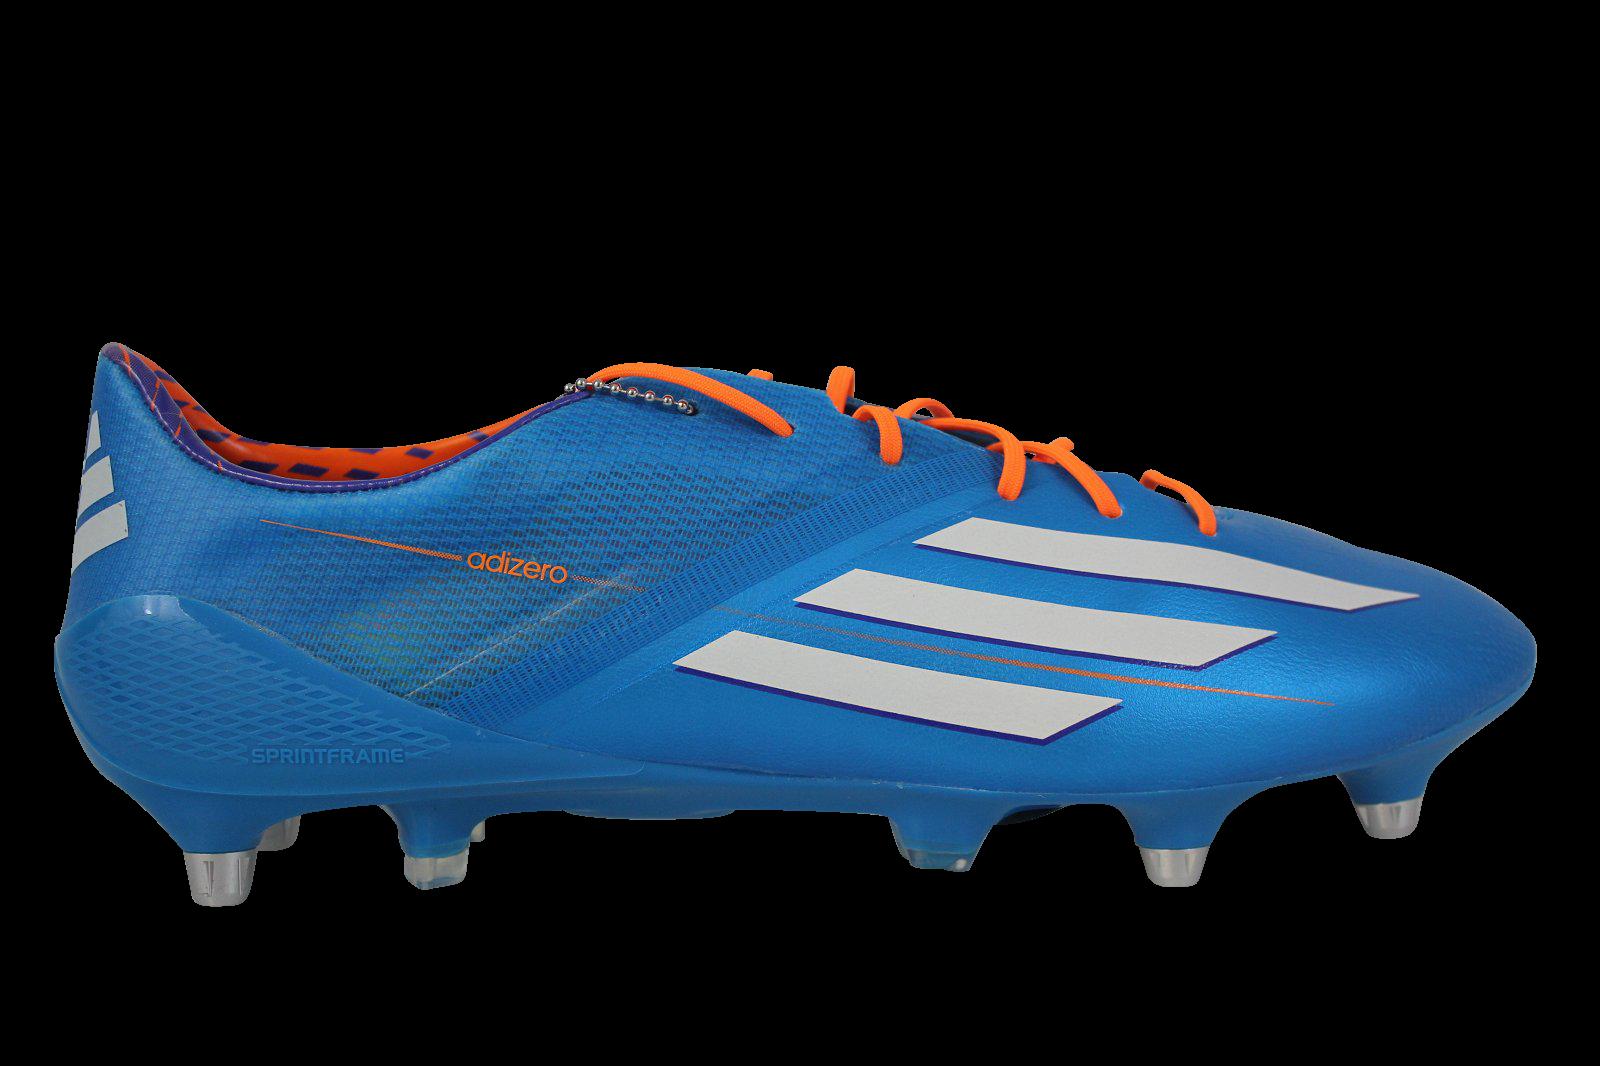 adidas f50 sg pro une vente de liquidation de prix bas